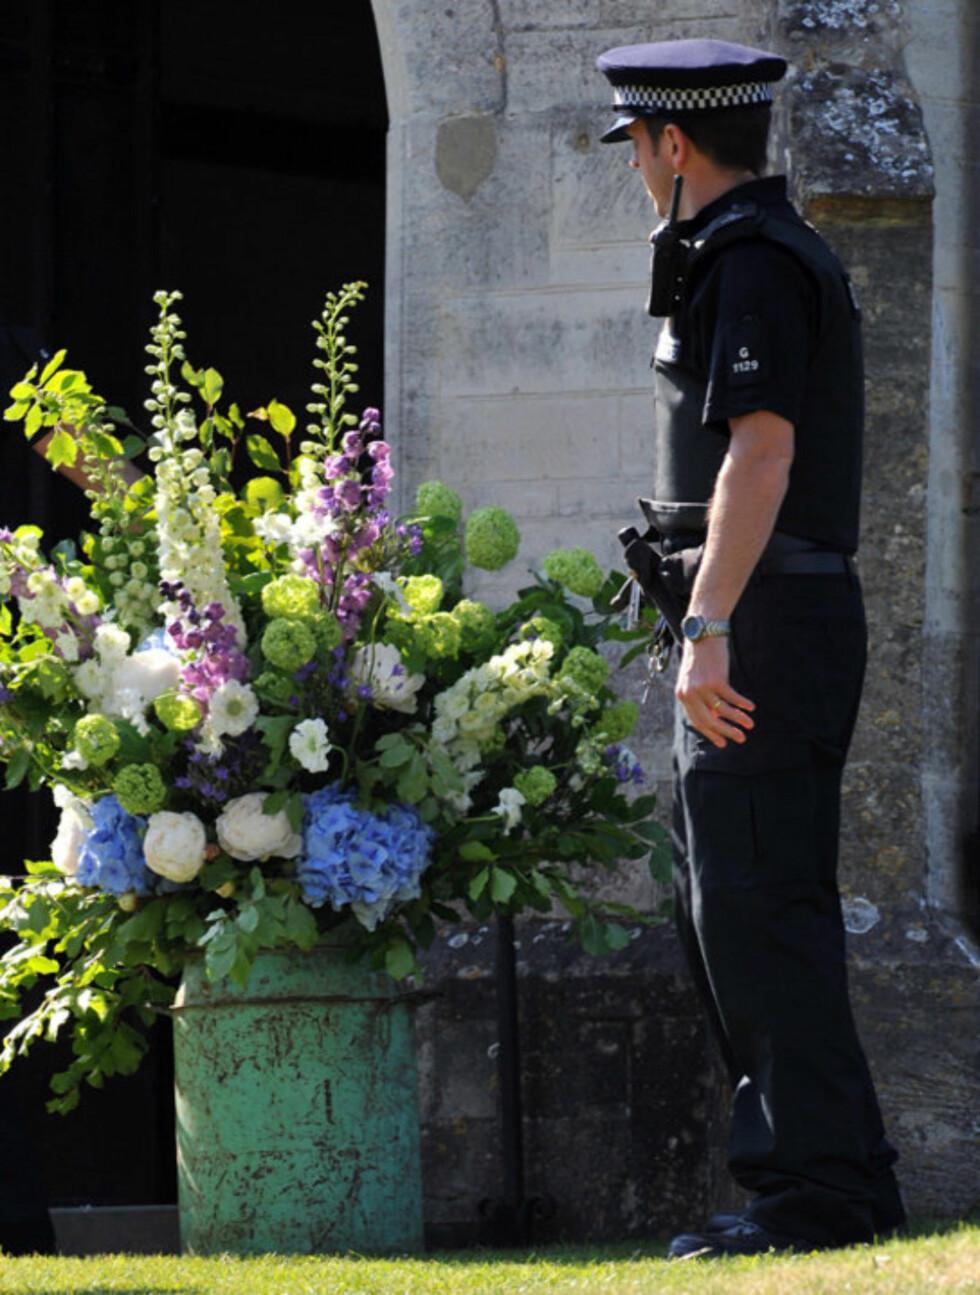 STRENG SIKKERHET:Brudeparet hadde leid inn ekstra politibeskyttelse i anledning bryllupet. Selv blomsterdekorasjonene ble visst bevoktet...  Foto: All Over Press